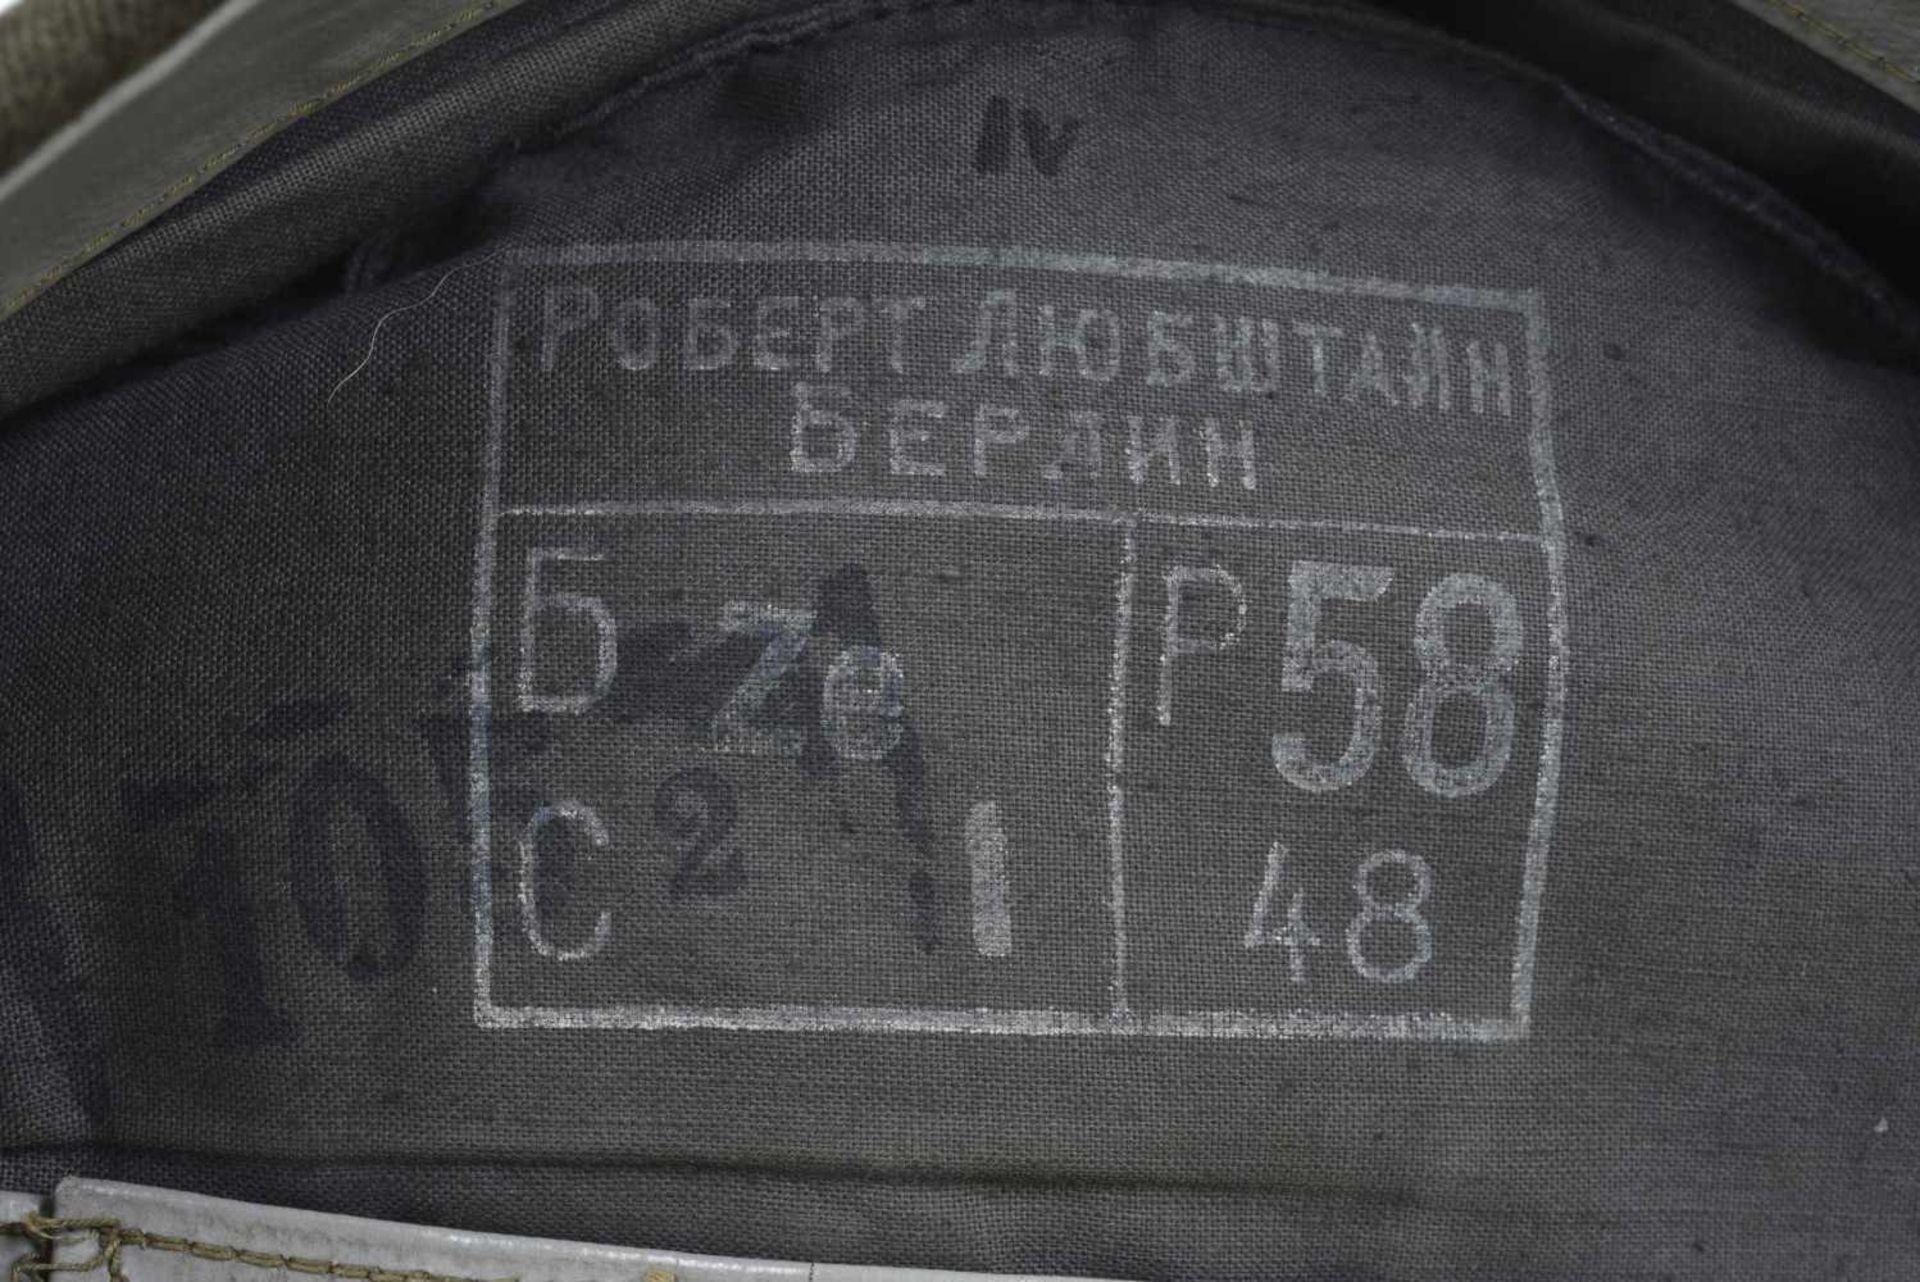 Magnifique calot passepoilé pour officier du NKVD passepoil framboise étoile tissu rouge brique. - Bild 3 aus 4